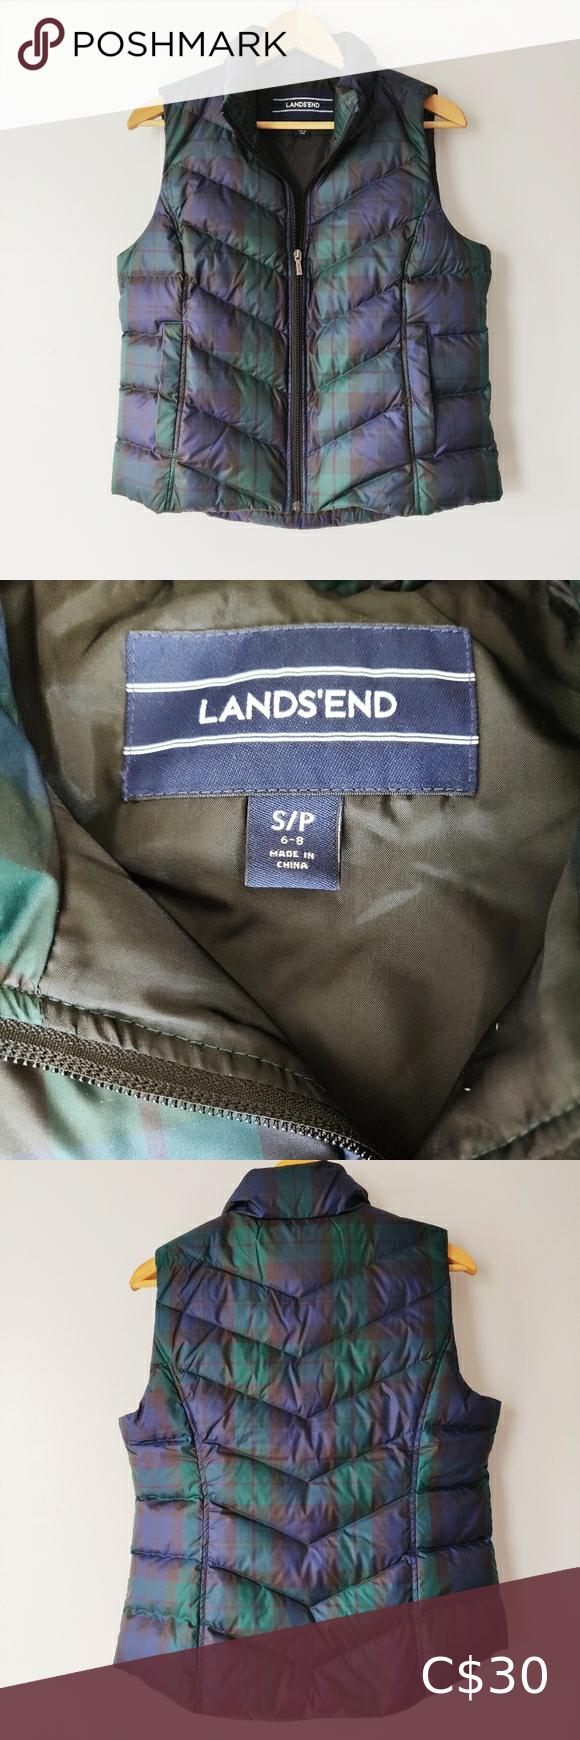 Lands end women's petite puffer vest